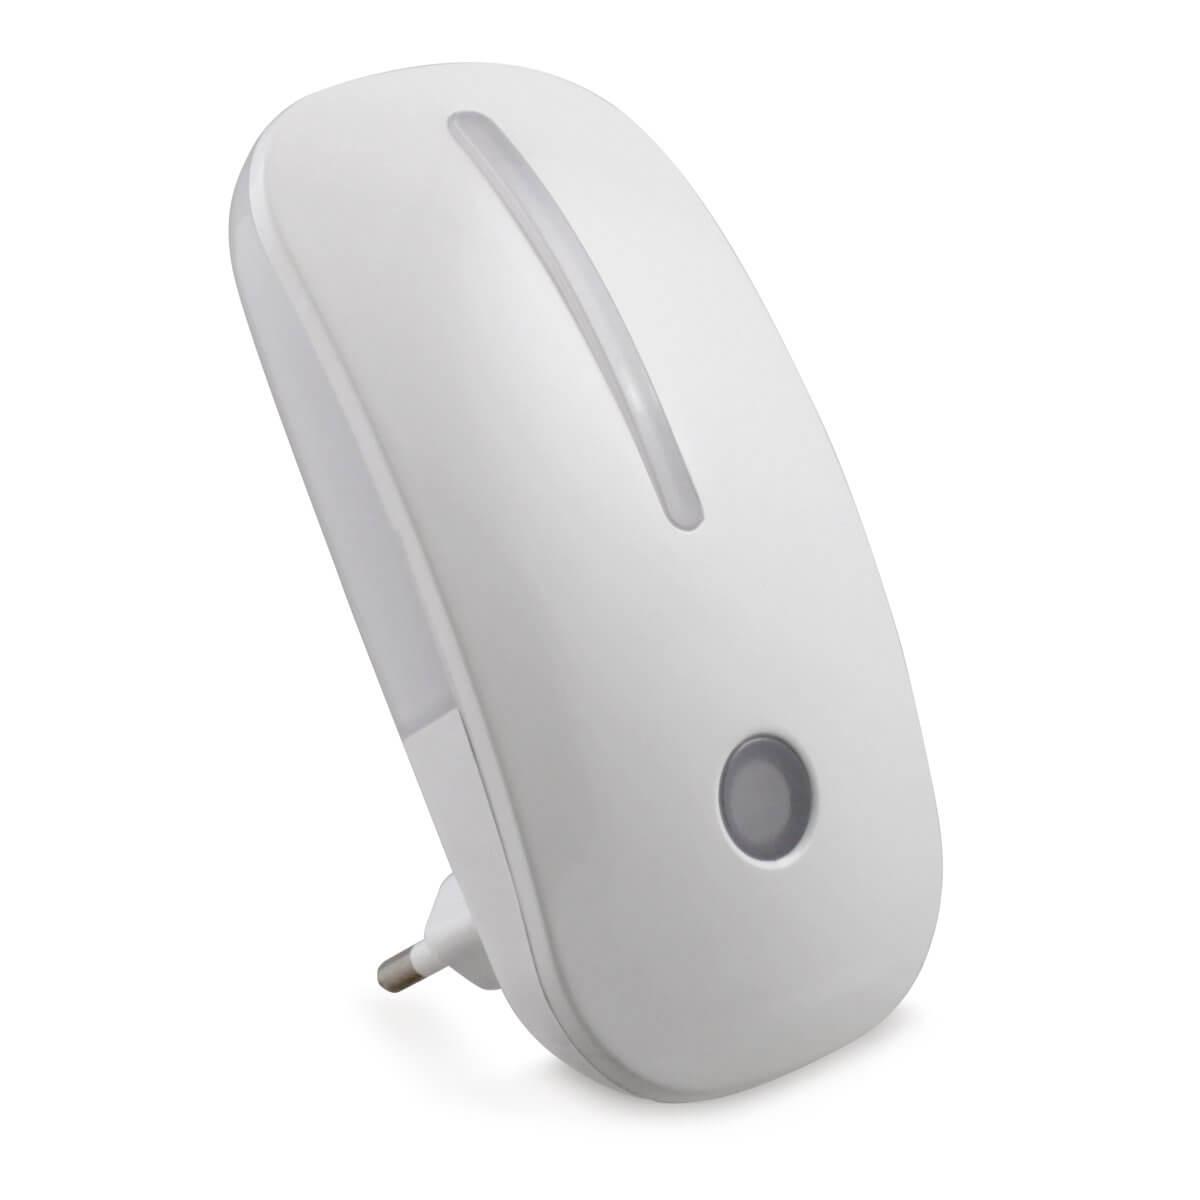 Ночник Старт Мышка 6Led с датчиком освещенности